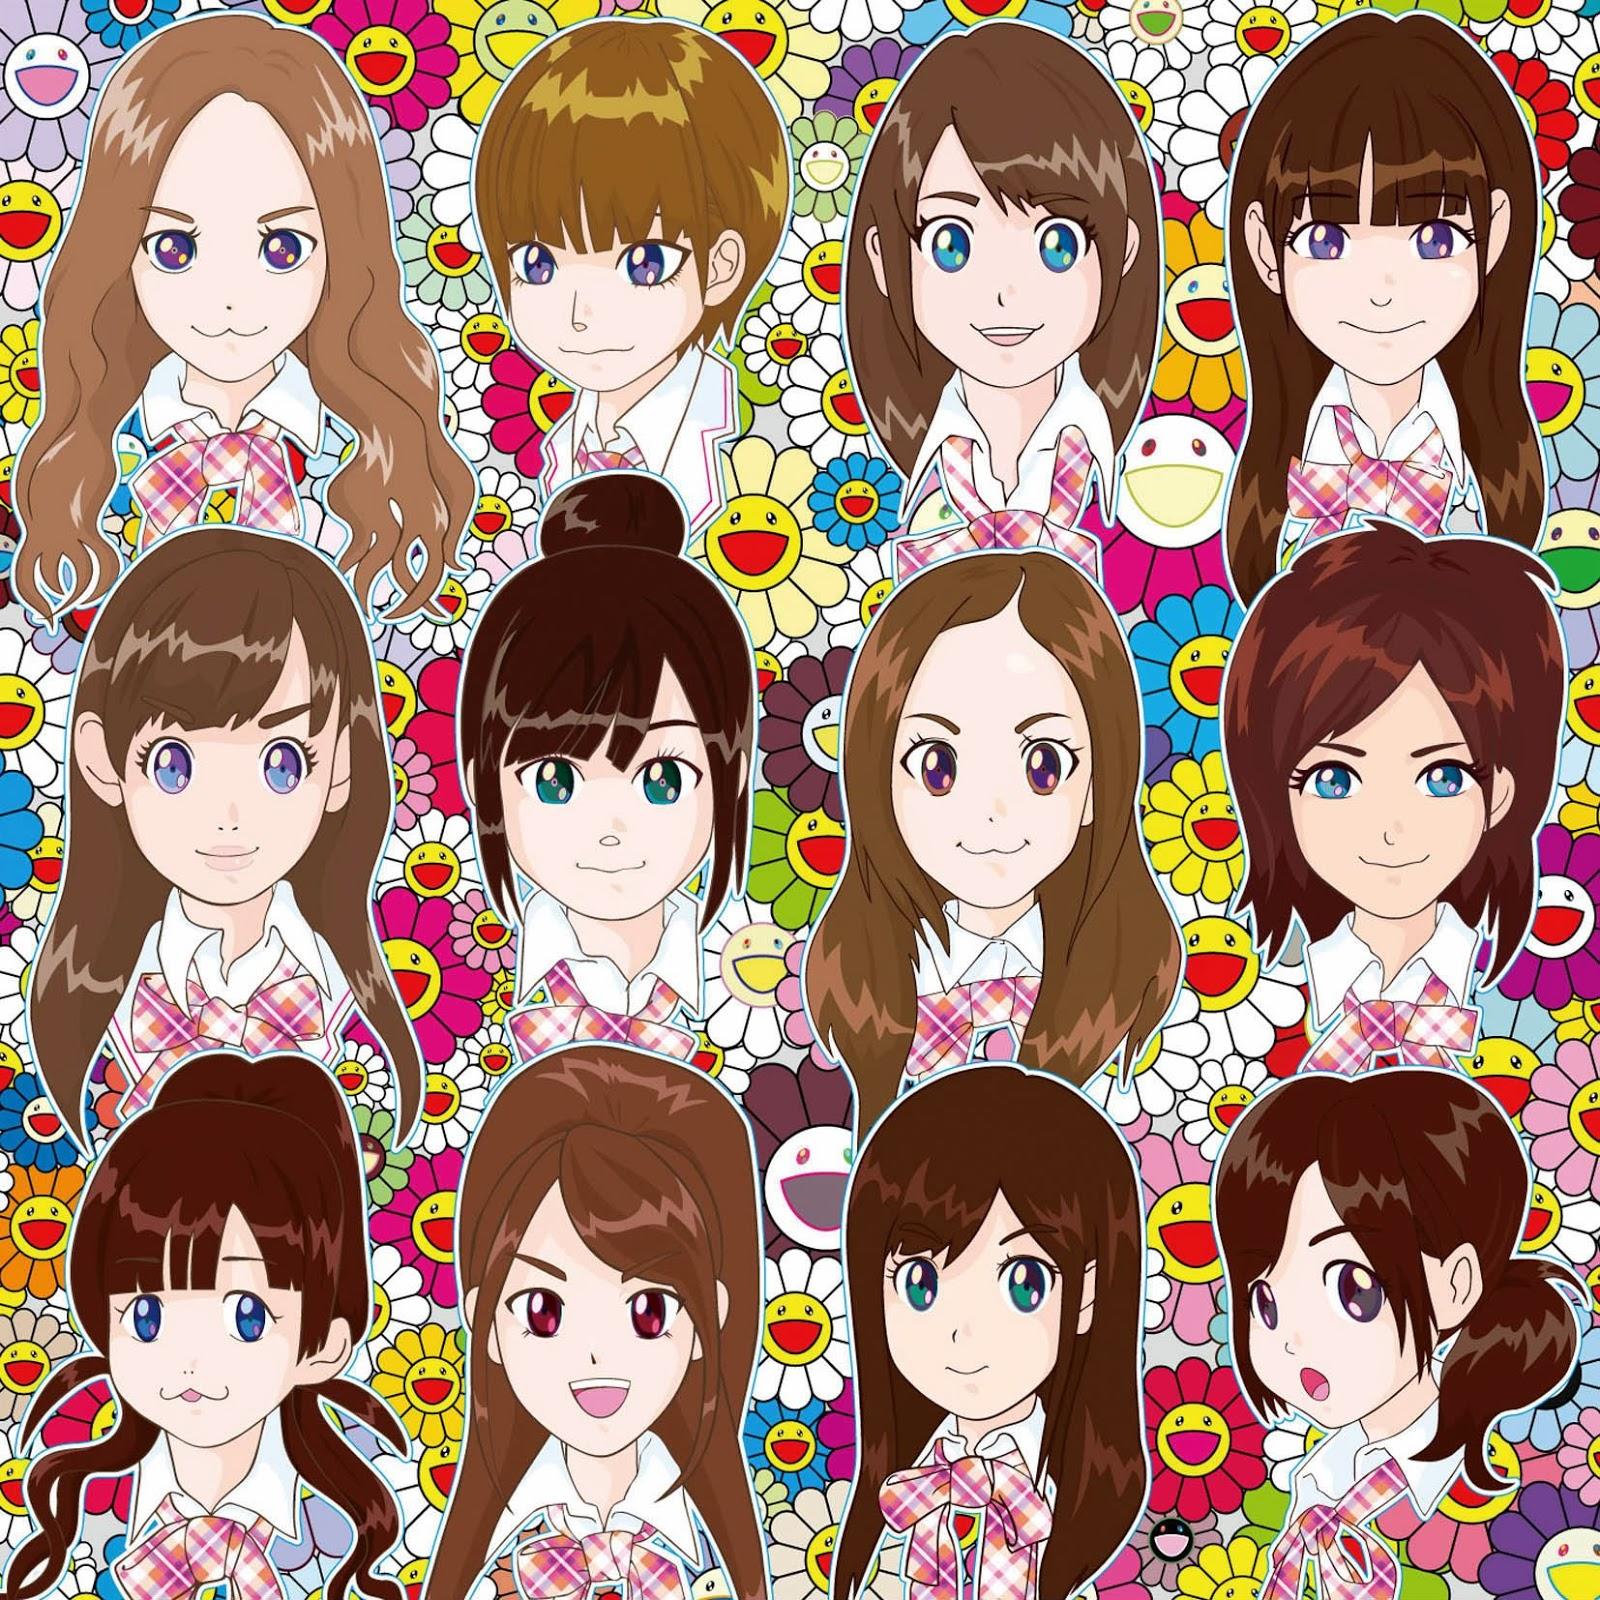 Namida_no_surprise.jpg (1600×1600)